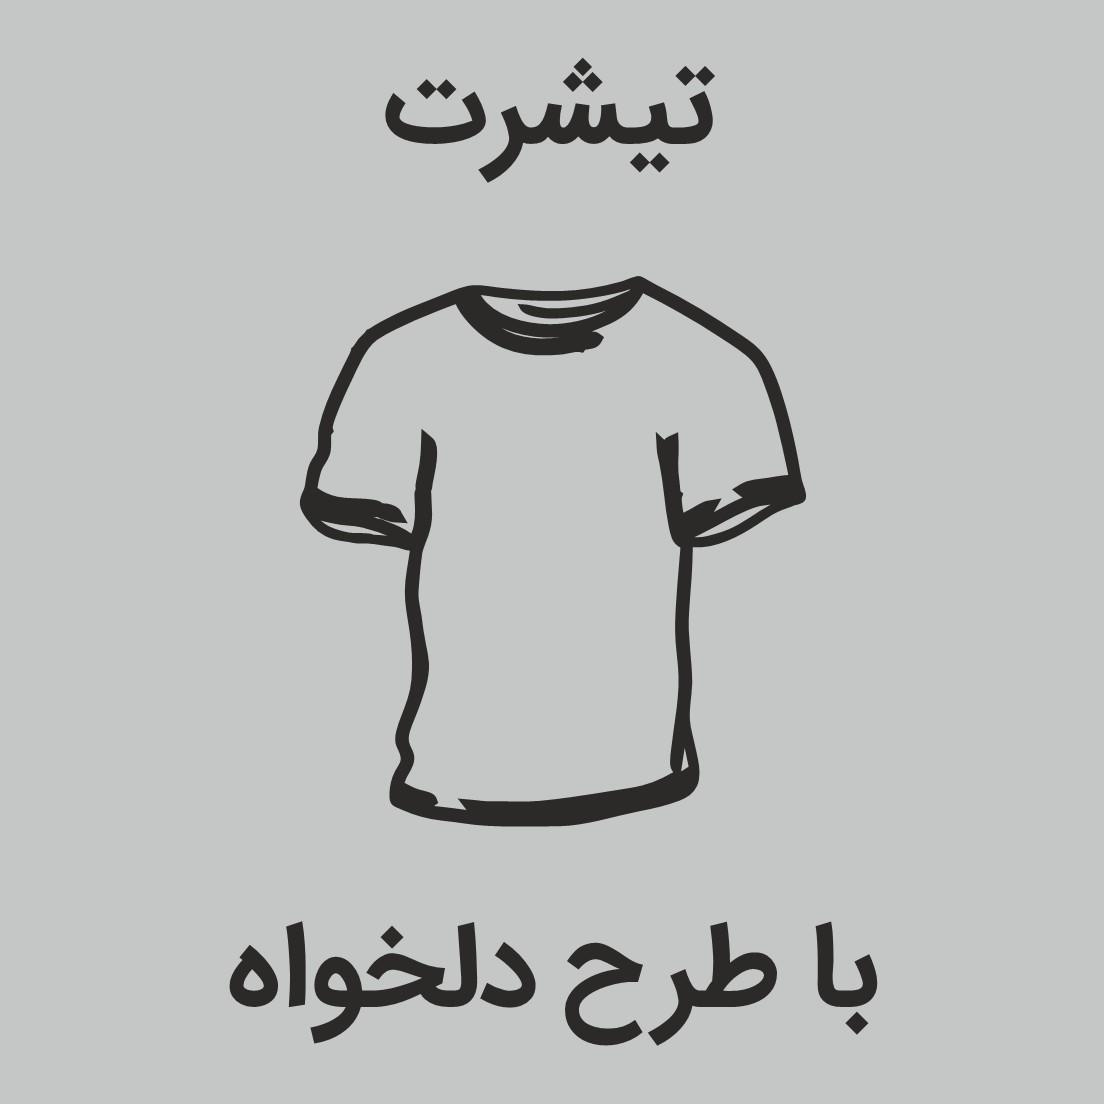 طراحی تیشرت merosi ustclothing خرید تی شرت خرید تی شرت خاص تاپ تیشرت vgcenter چاپ دیجیتال تیشرت